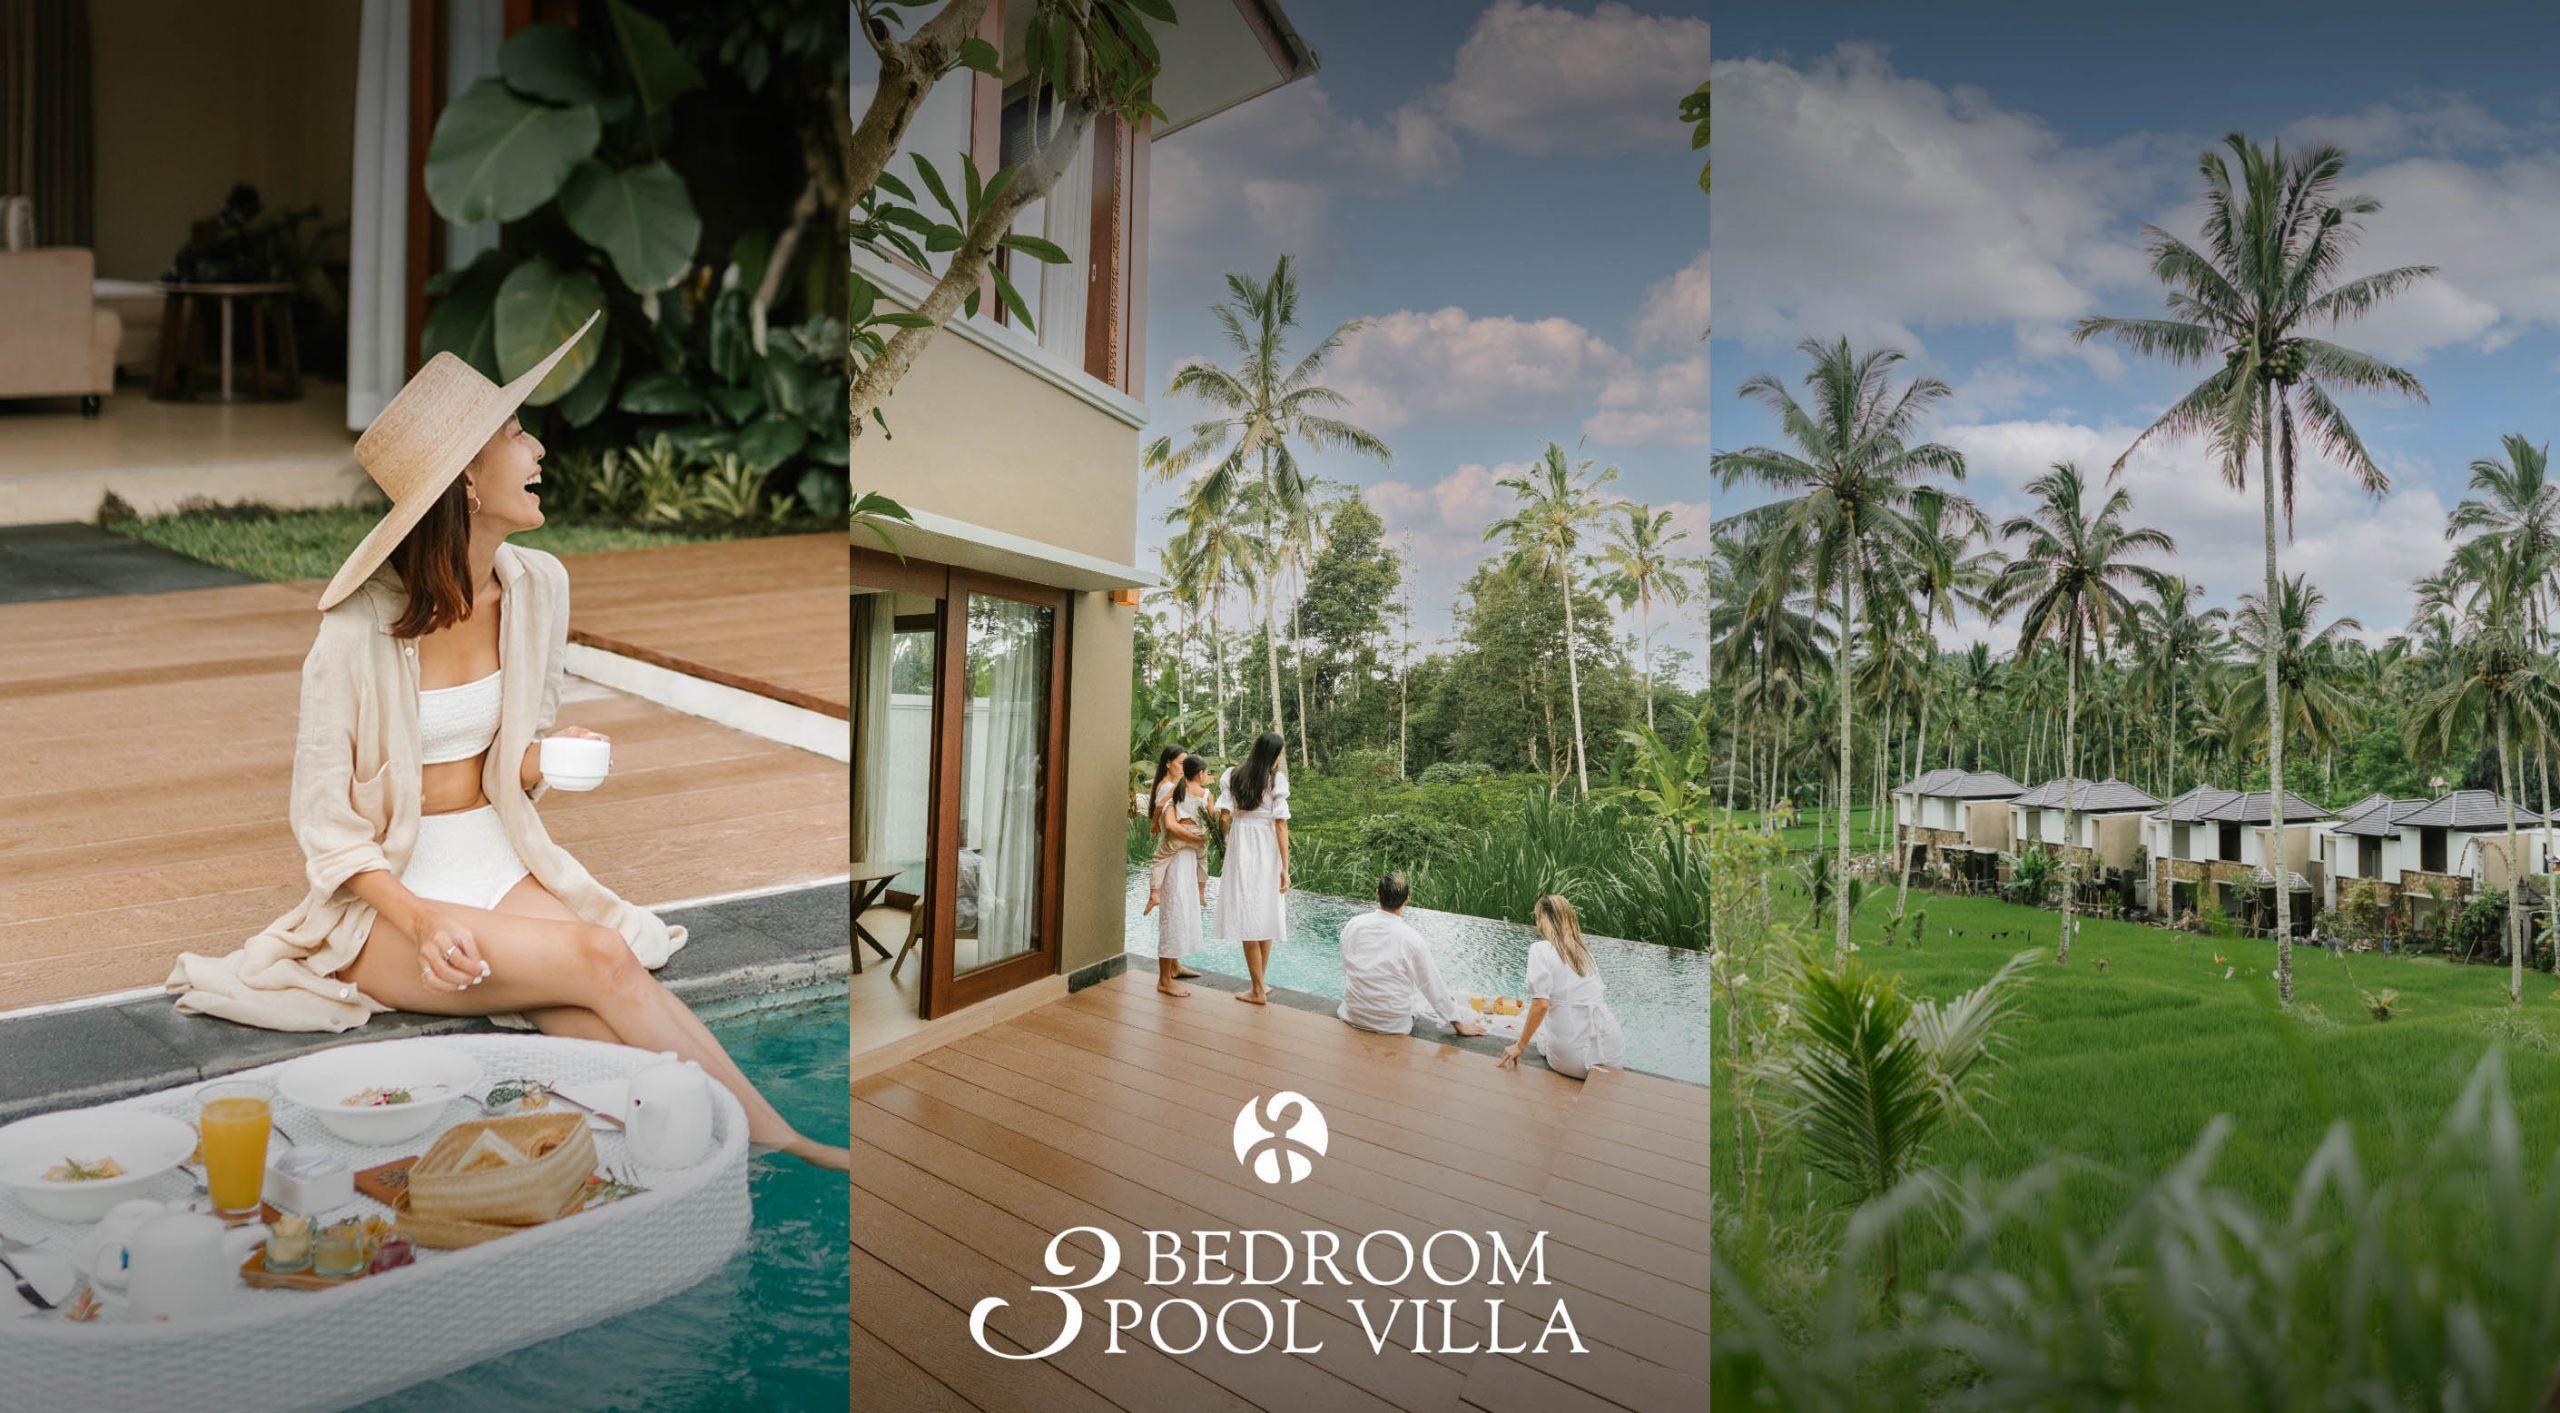 3 Bedroom Pool Villa - Stanagiri Retreat Ubud Bali